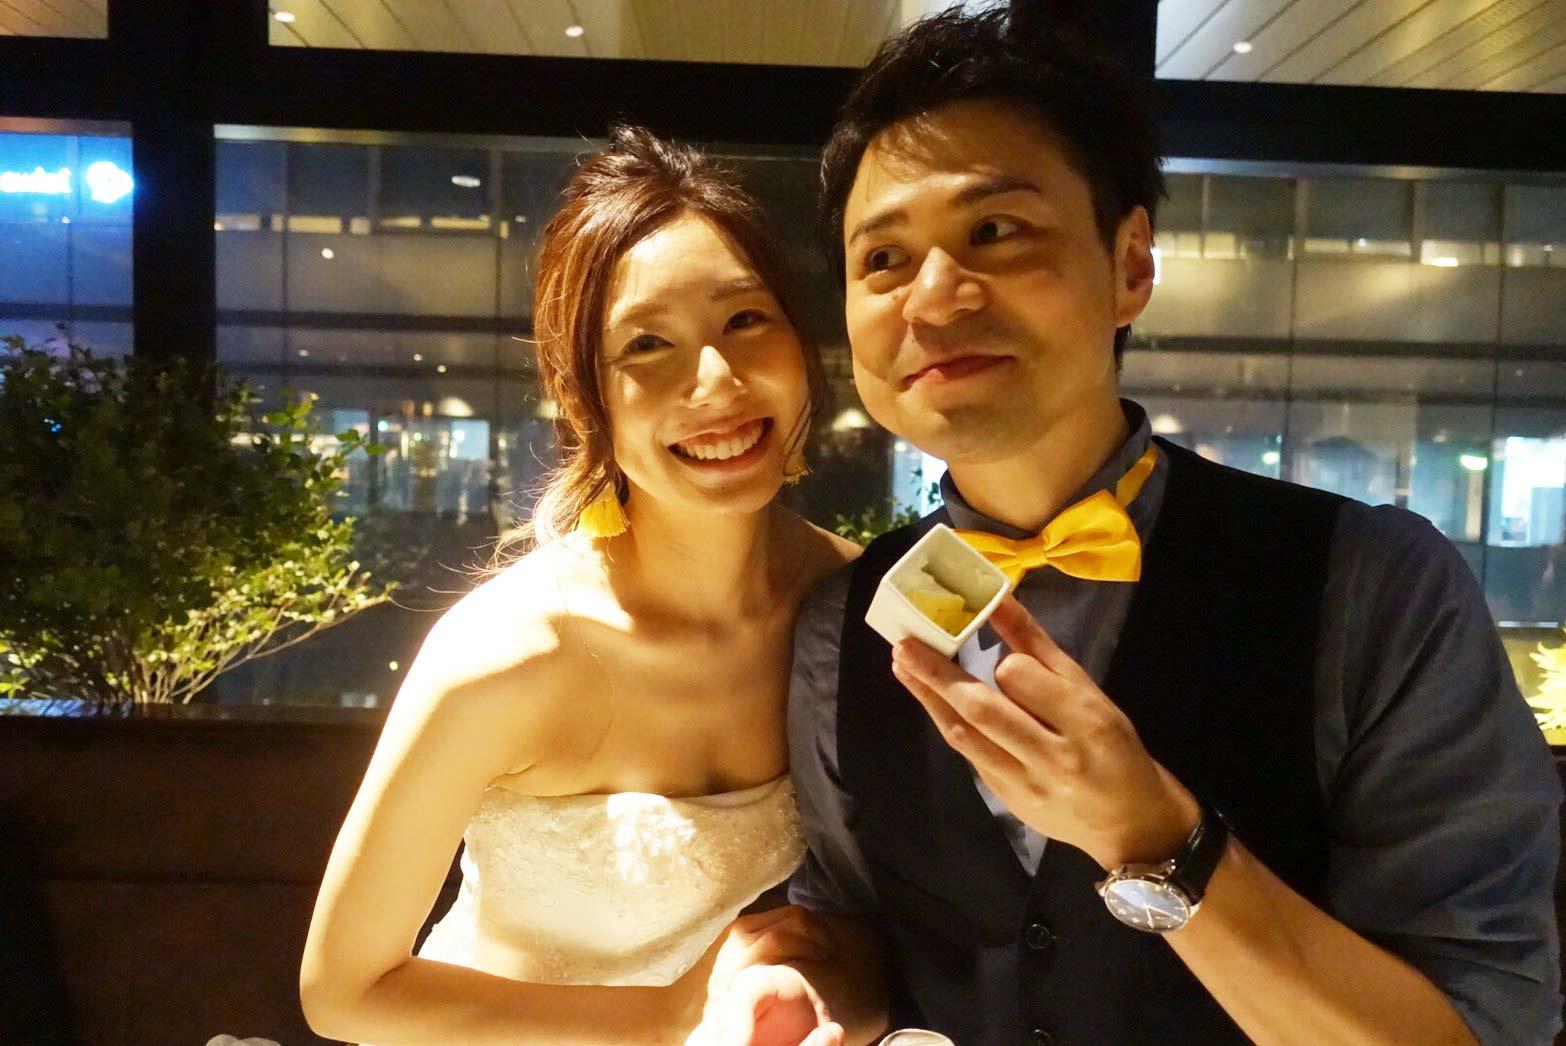 ケンタ&カナちゃんの結婚式!!二人とも本当におめでとう!!